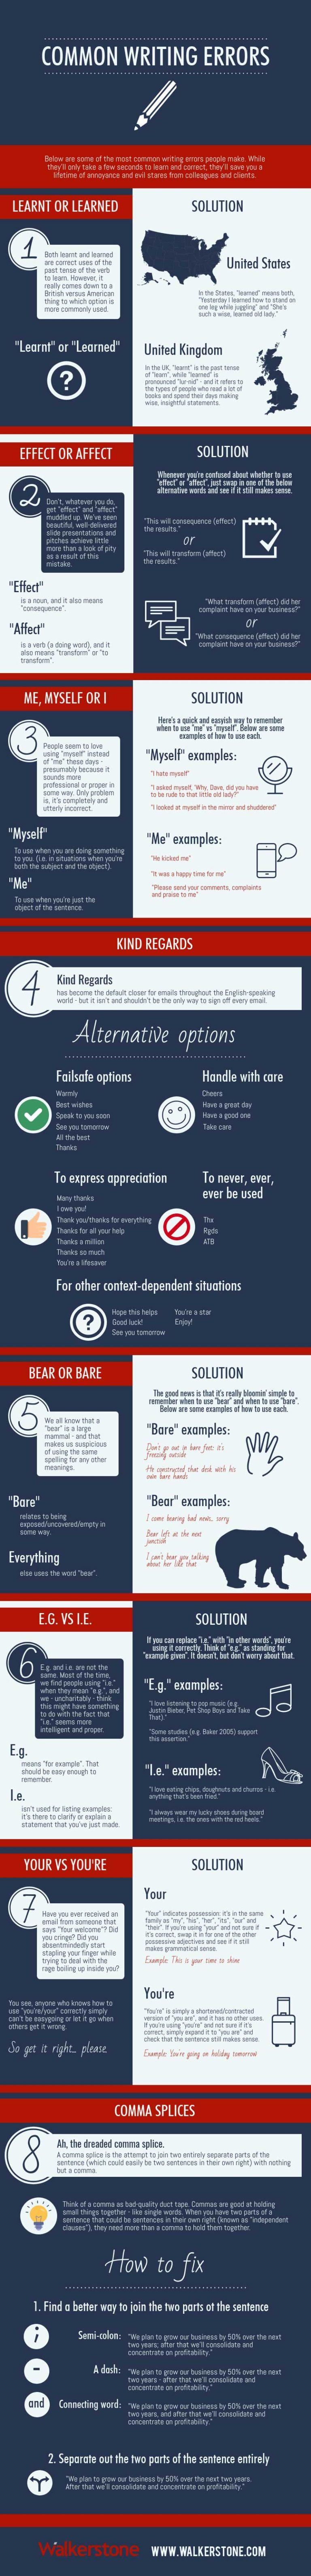 Common-writing-errors-Infographic-1-768x6356.jpg